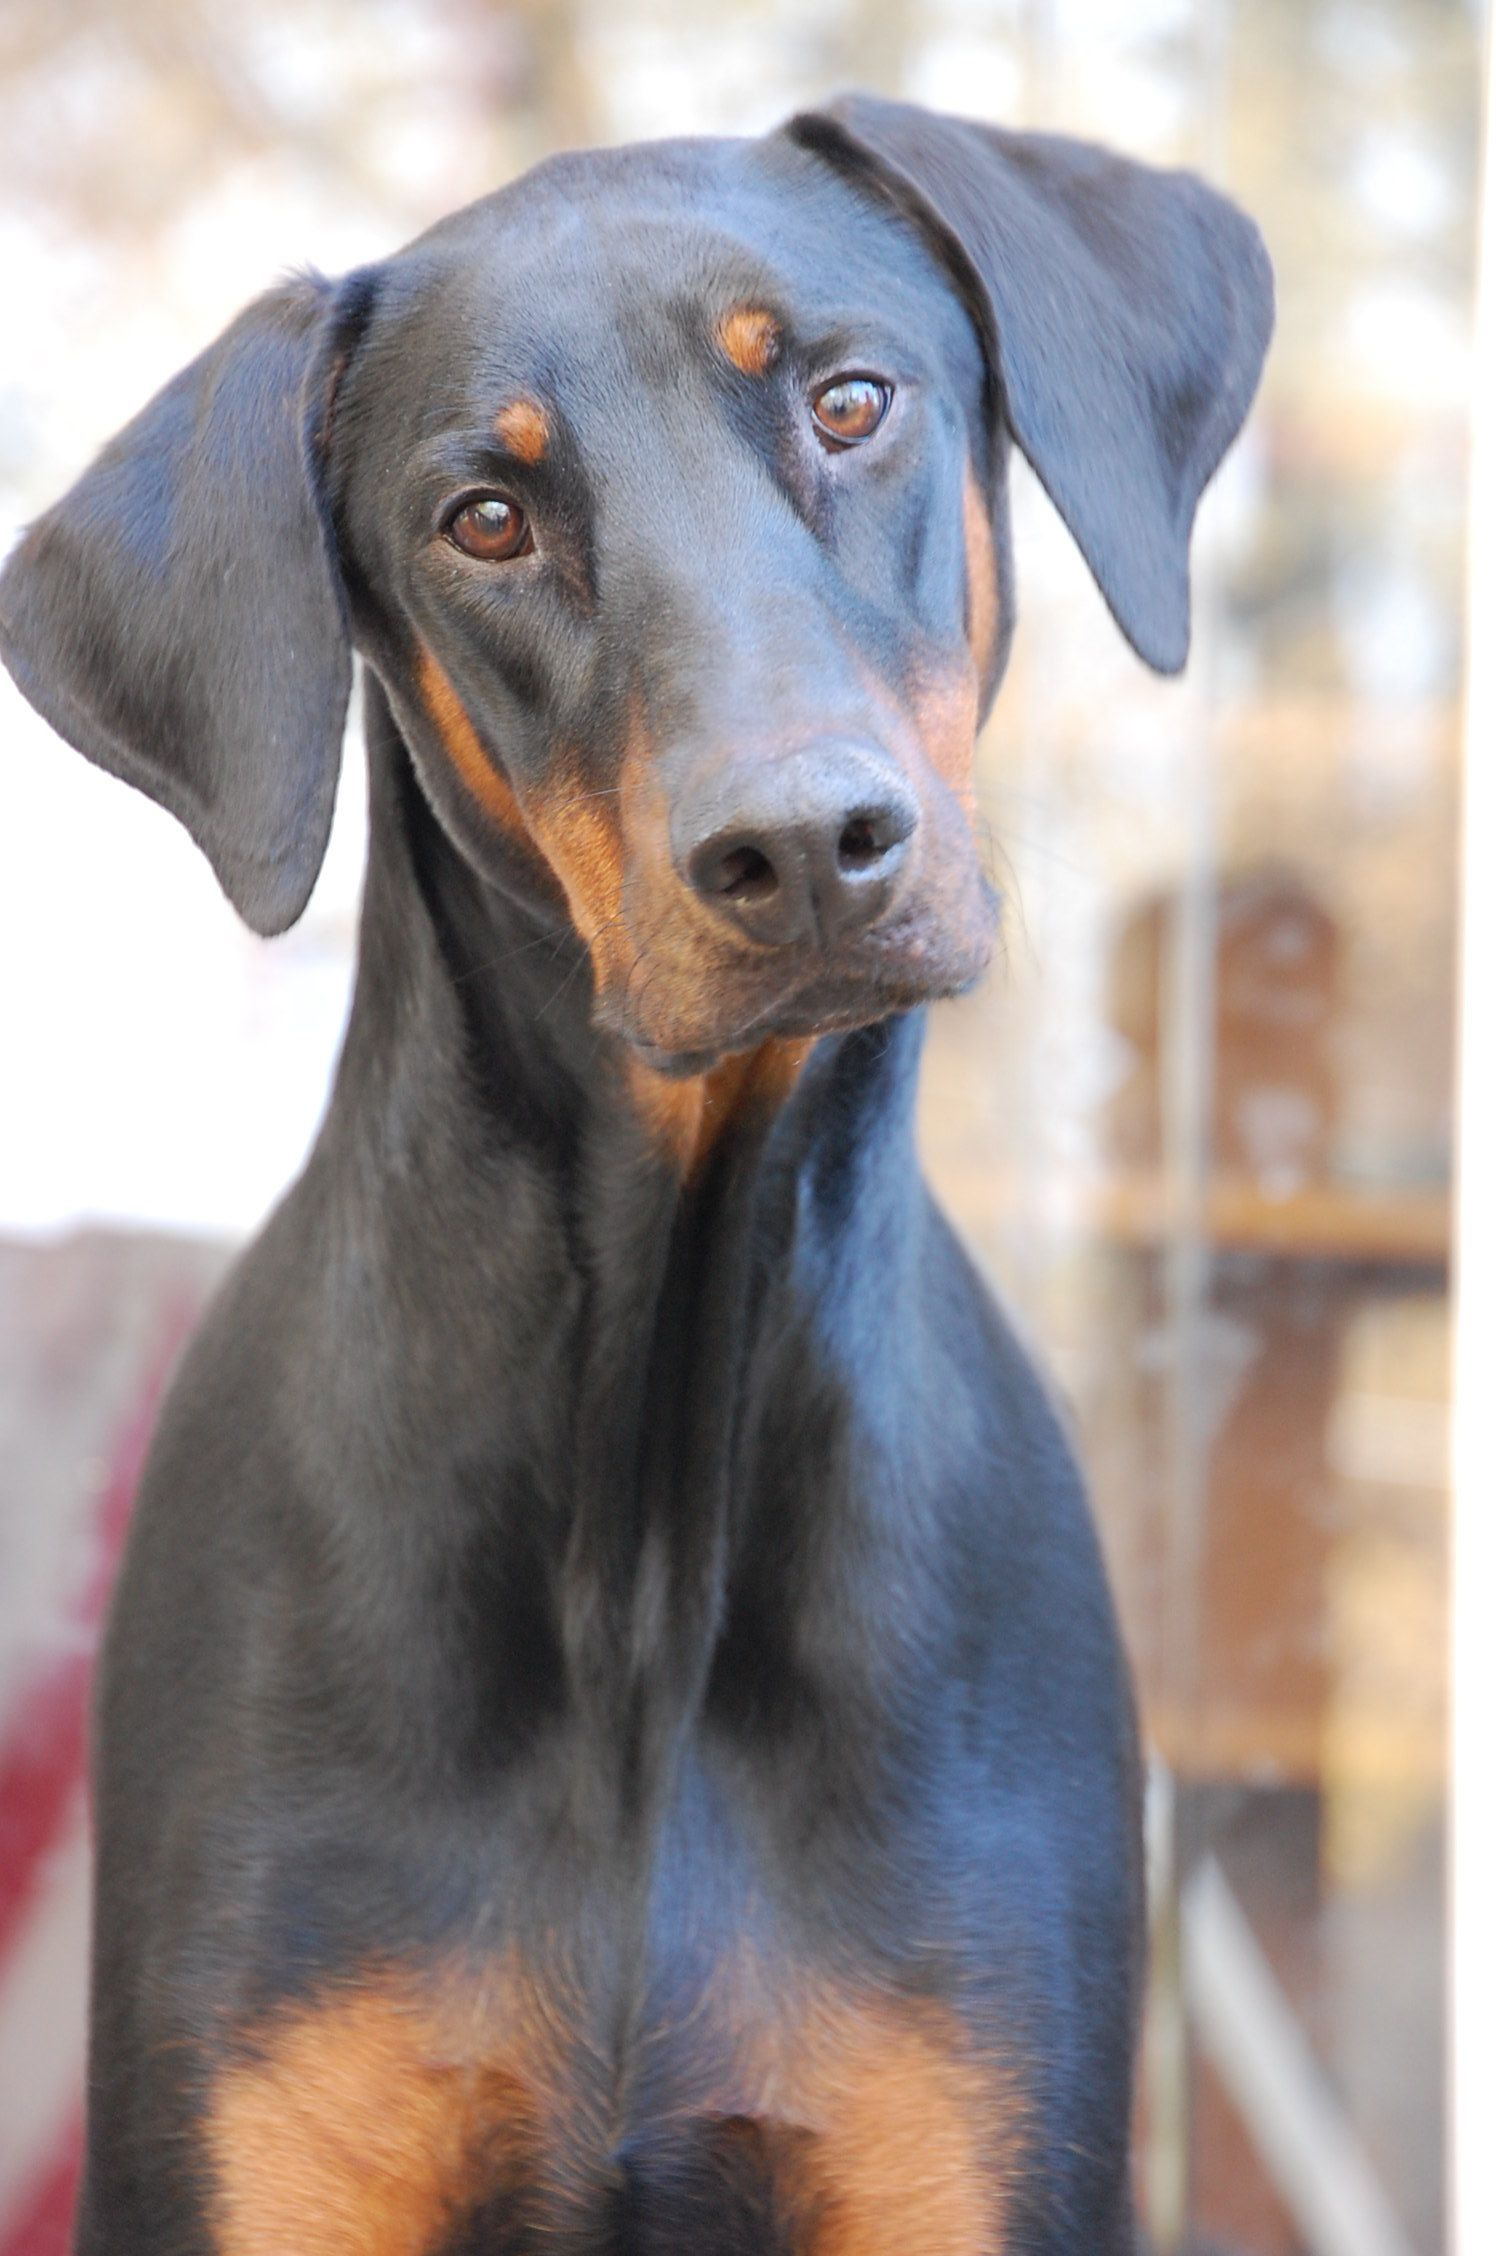 Doberman Pinscher Dog Breed Information Doberman Pinscher Dog